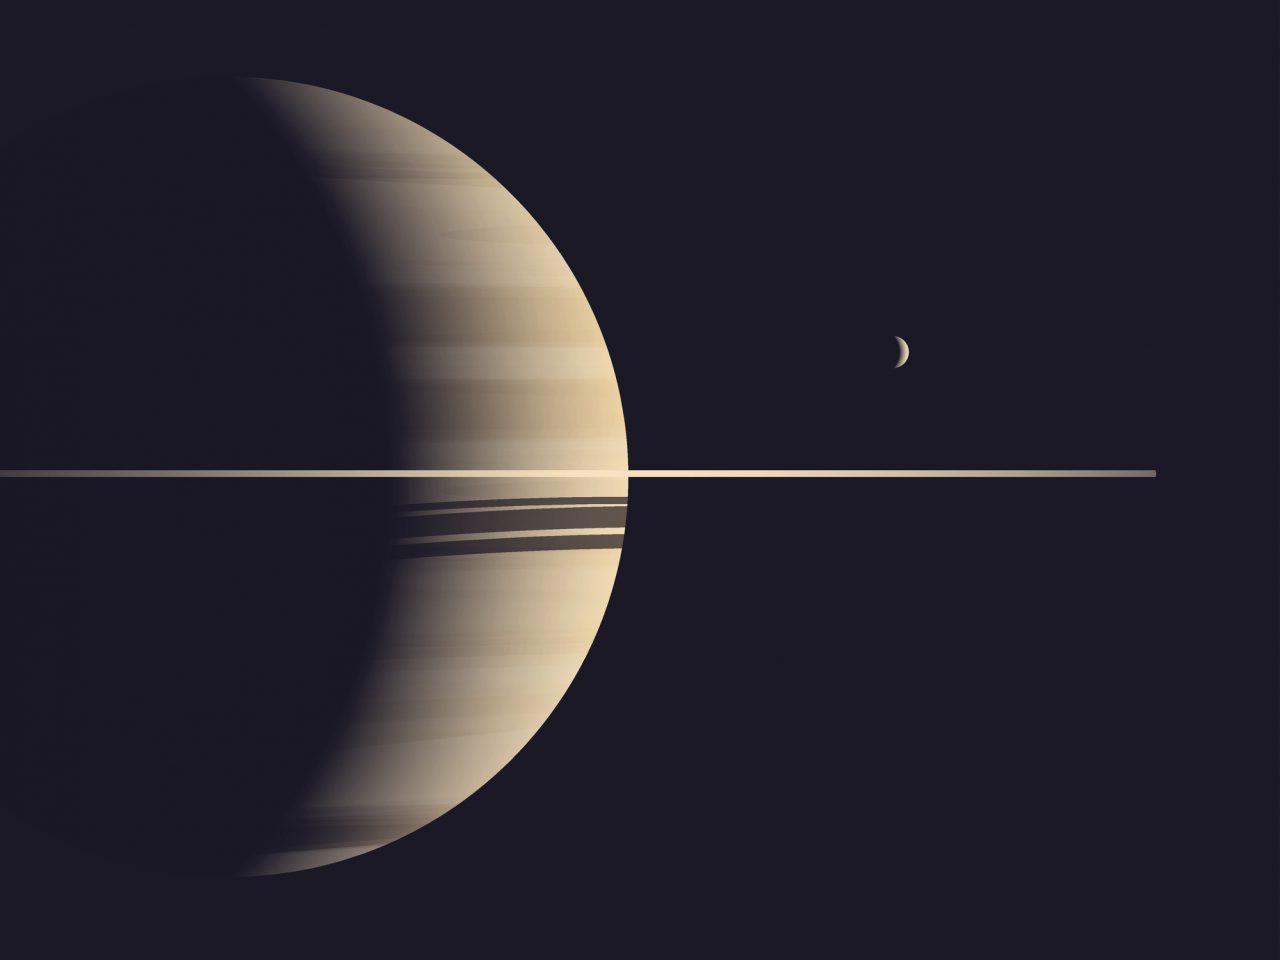 Illustrasjon av Saturn og månen